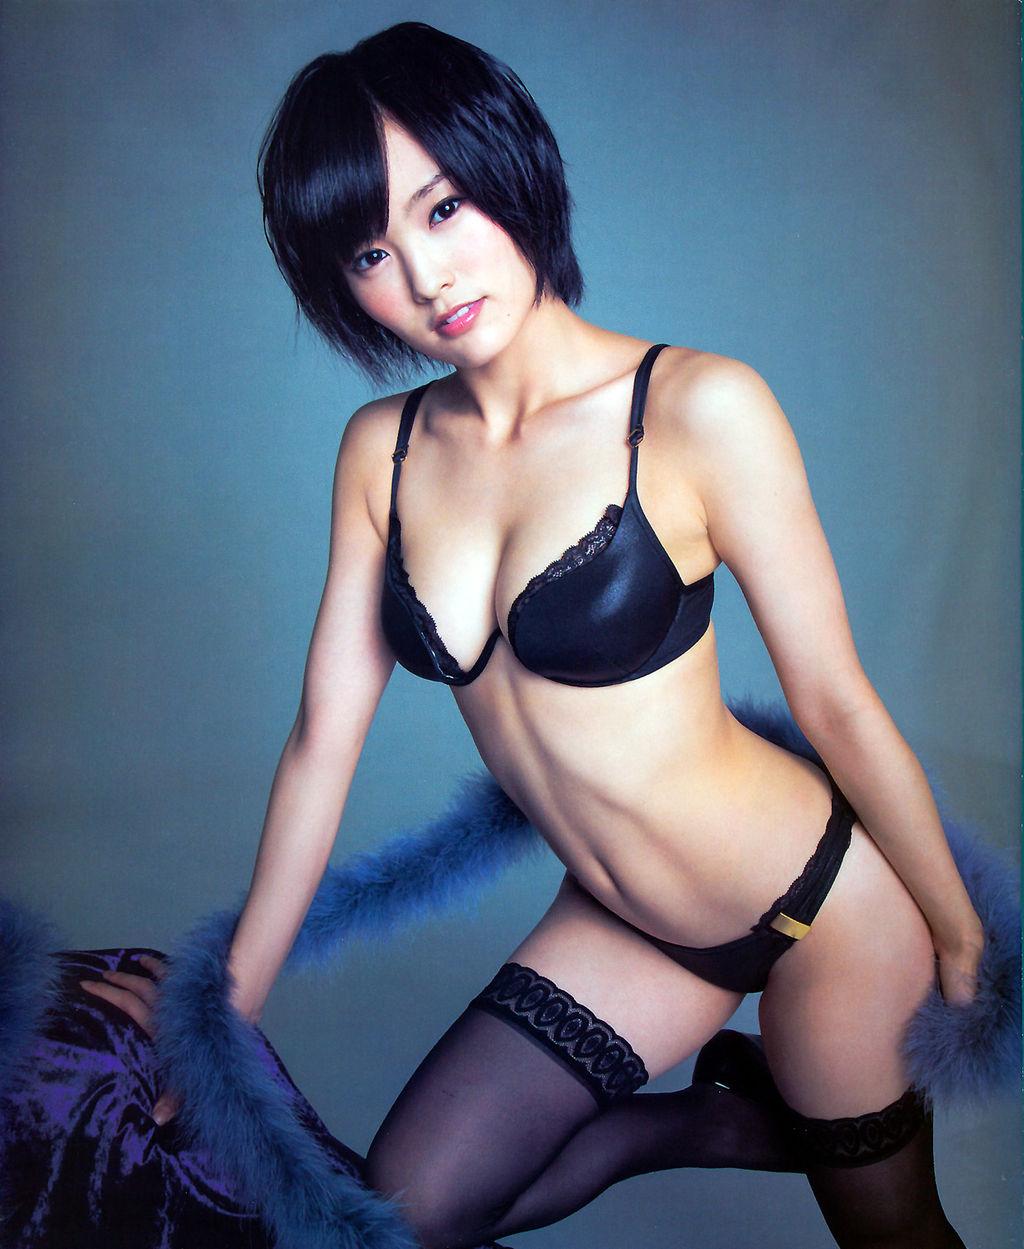 山本彩 セクシーすぎる男前の美女は卒業考えるエッセイ発売するおっぱい画像 表紙